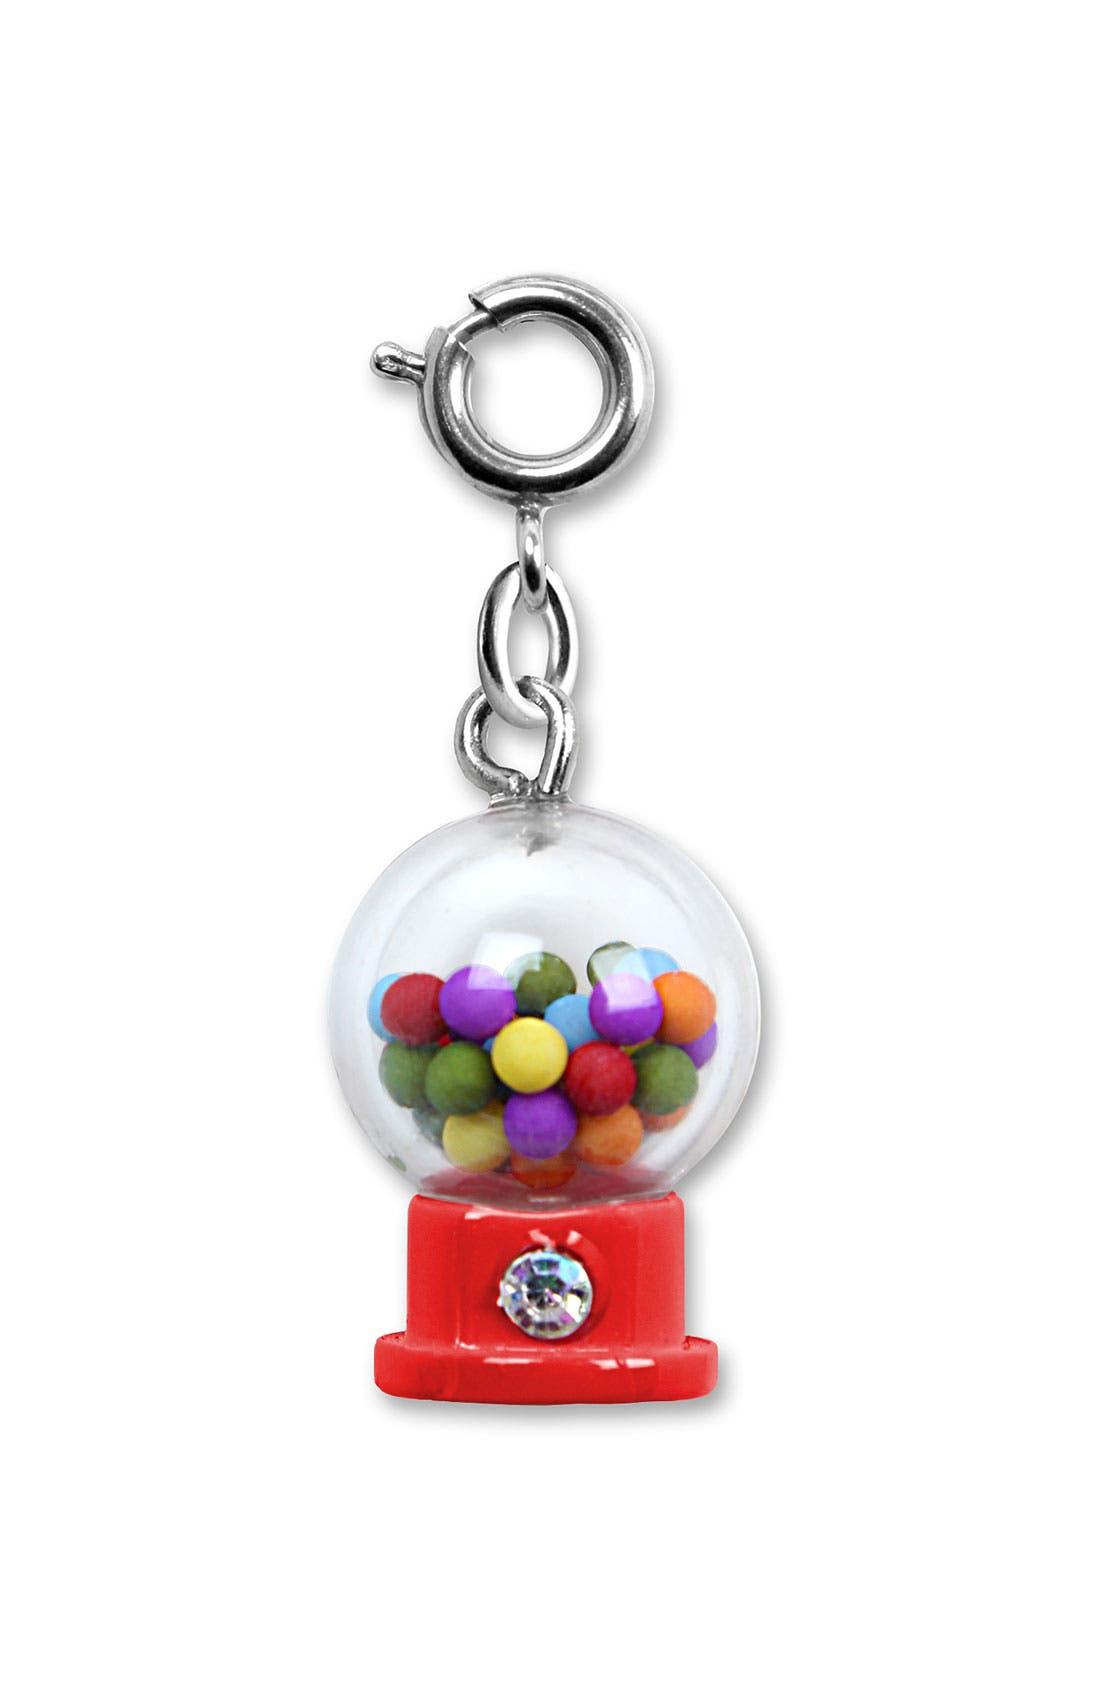 Main Image - CHARM IT!® 'Gumball Machine' Charm (Girls)